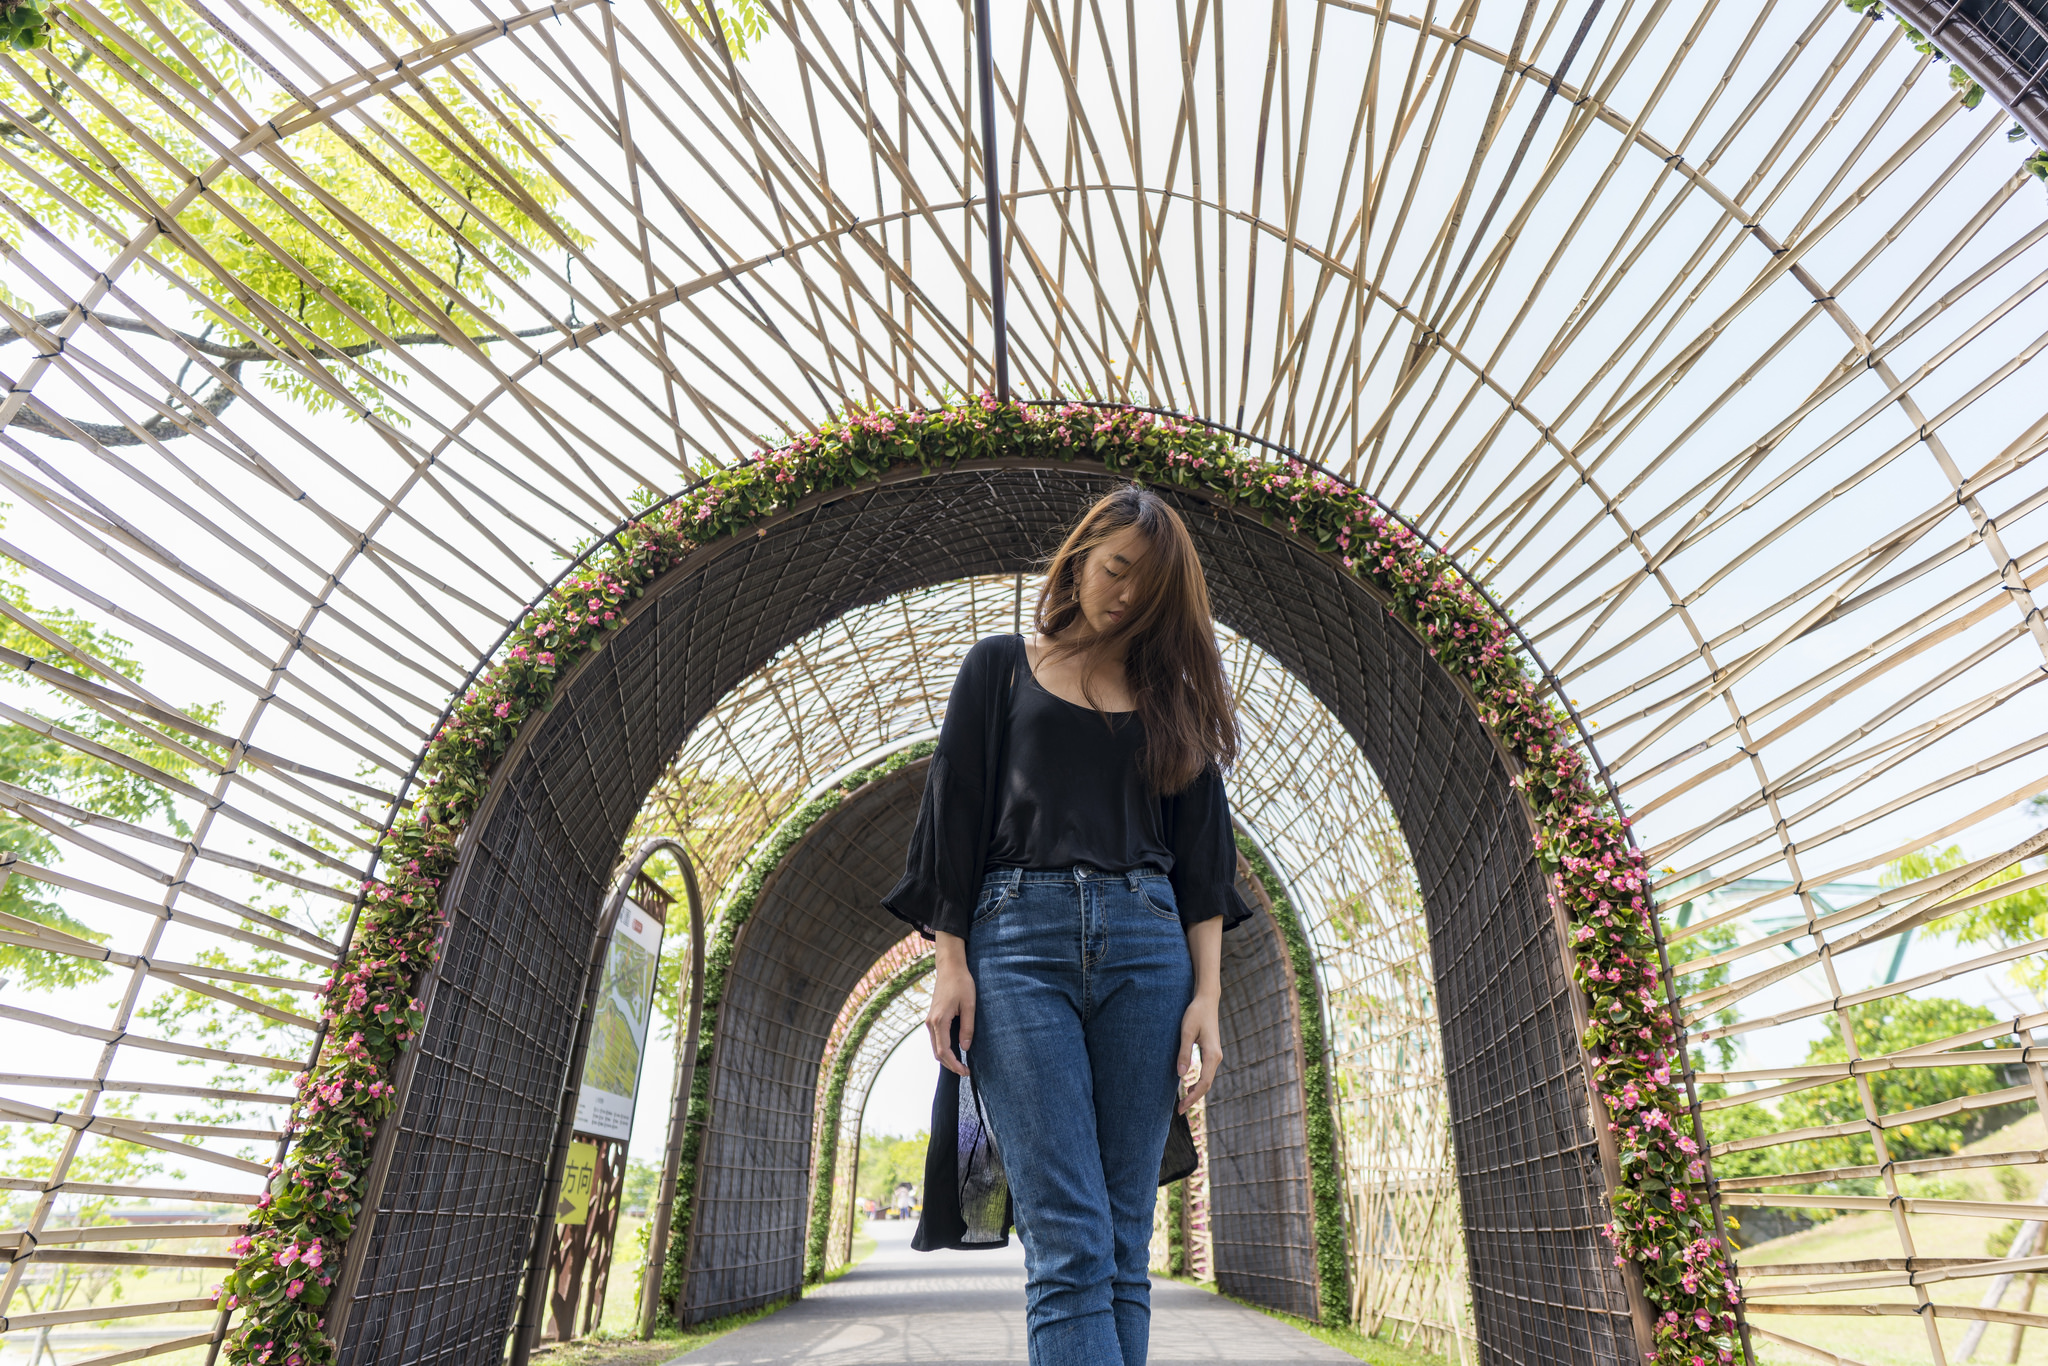 【2018宜蘭綠色博覽會】網美一日養成計劃,10個必拍景點大公開!